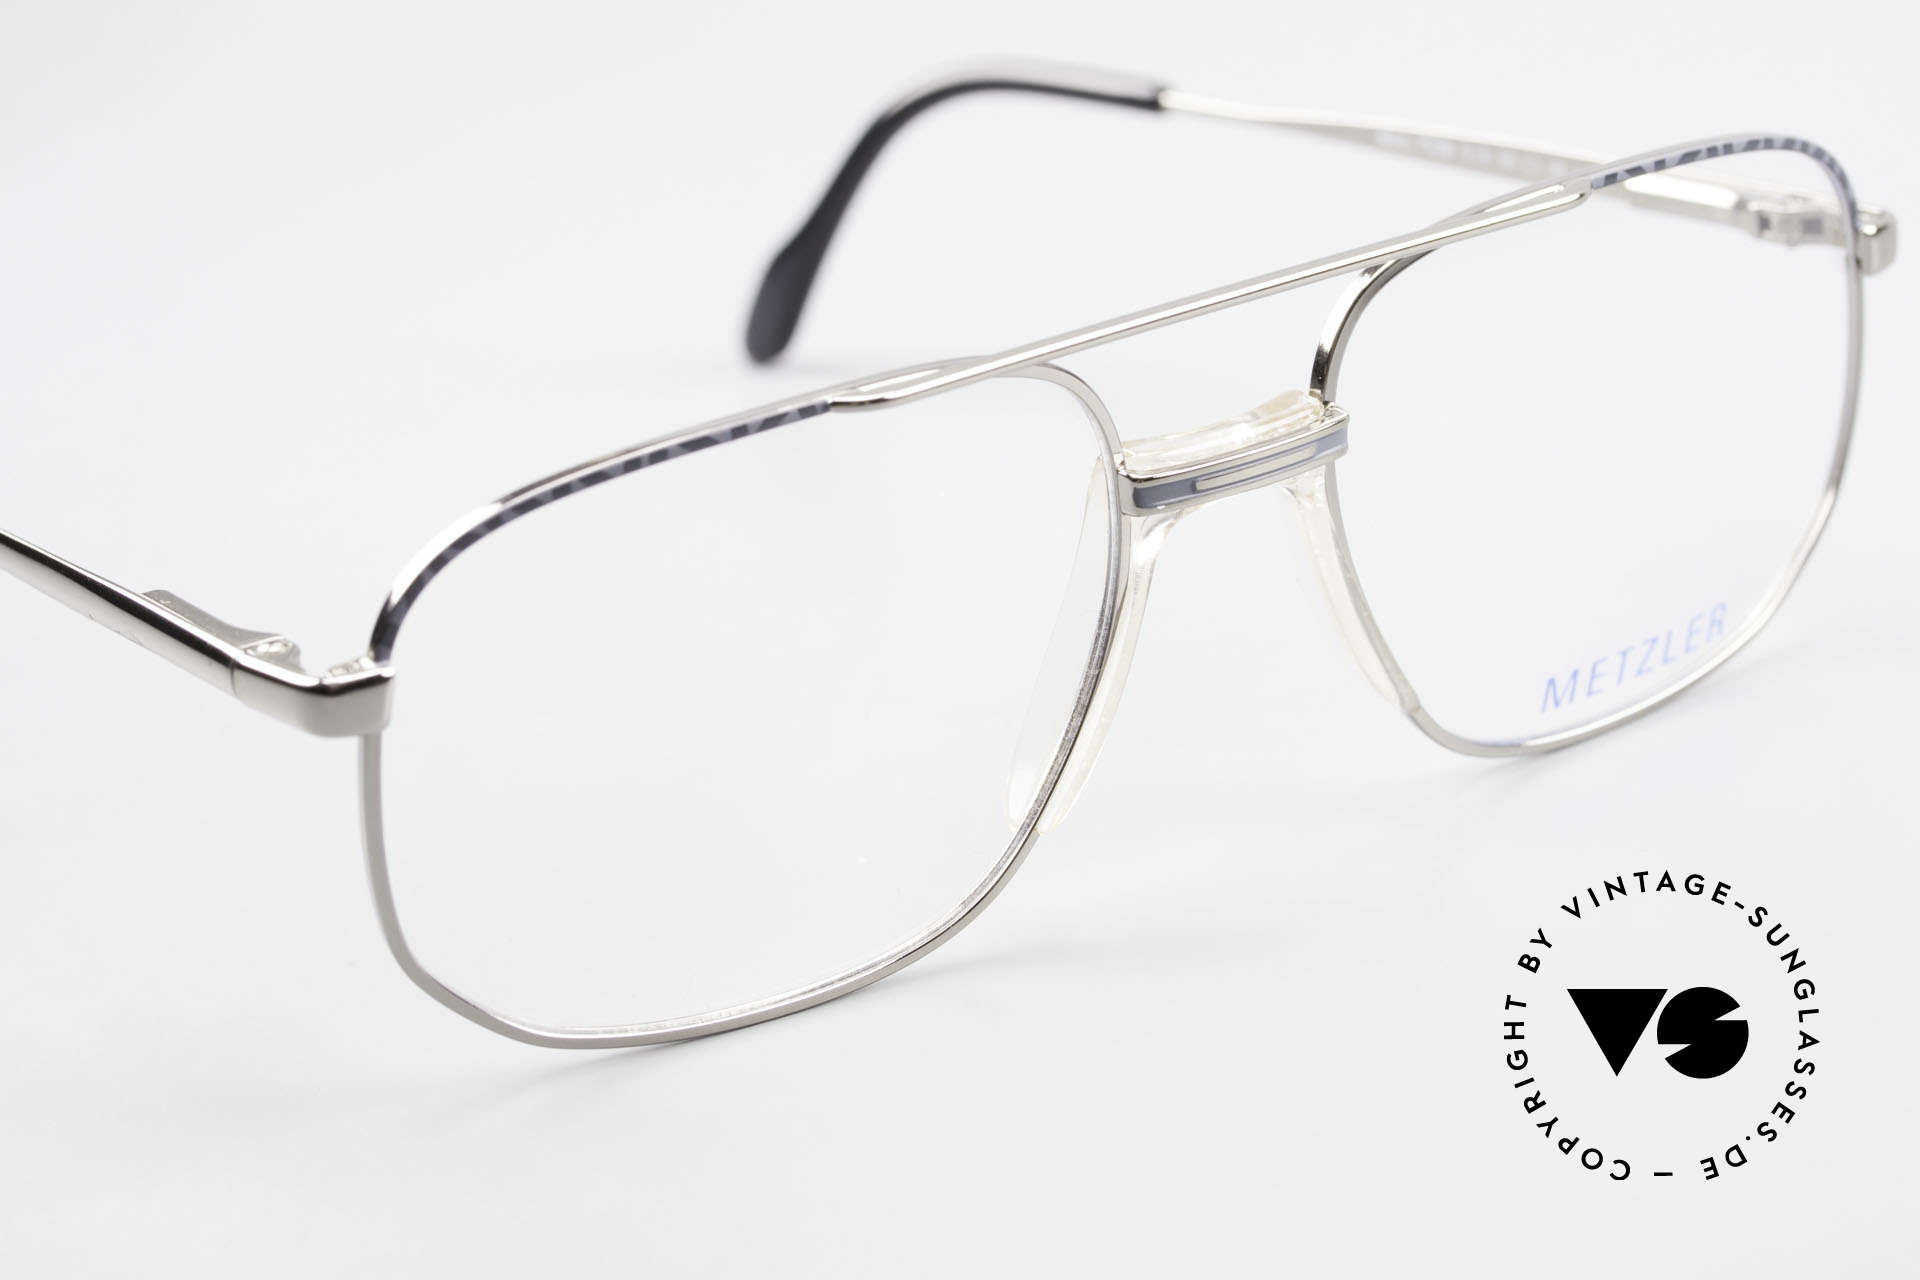 Metzler 7538 90er Metallbrille Mit Sattelsteg, KEINE RETRObrille, sondern ein altes ORIGINAL!, Passend für Herren